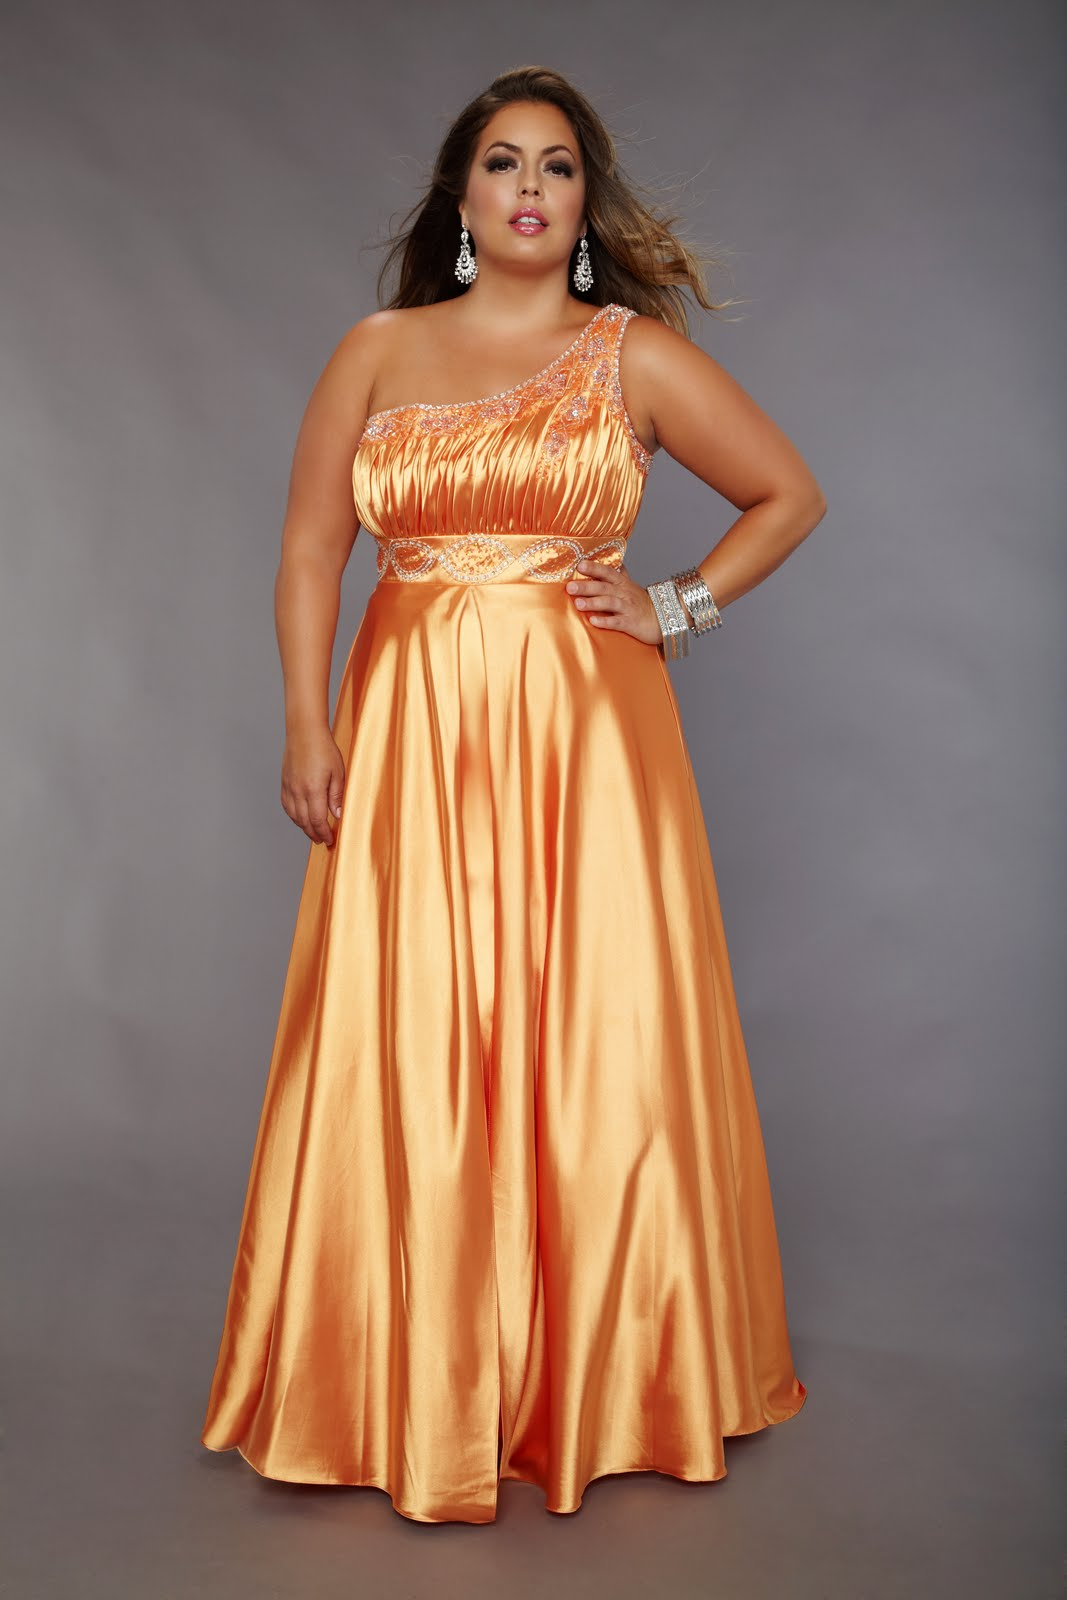 Нарядные платья для полных девушек на свадьбу